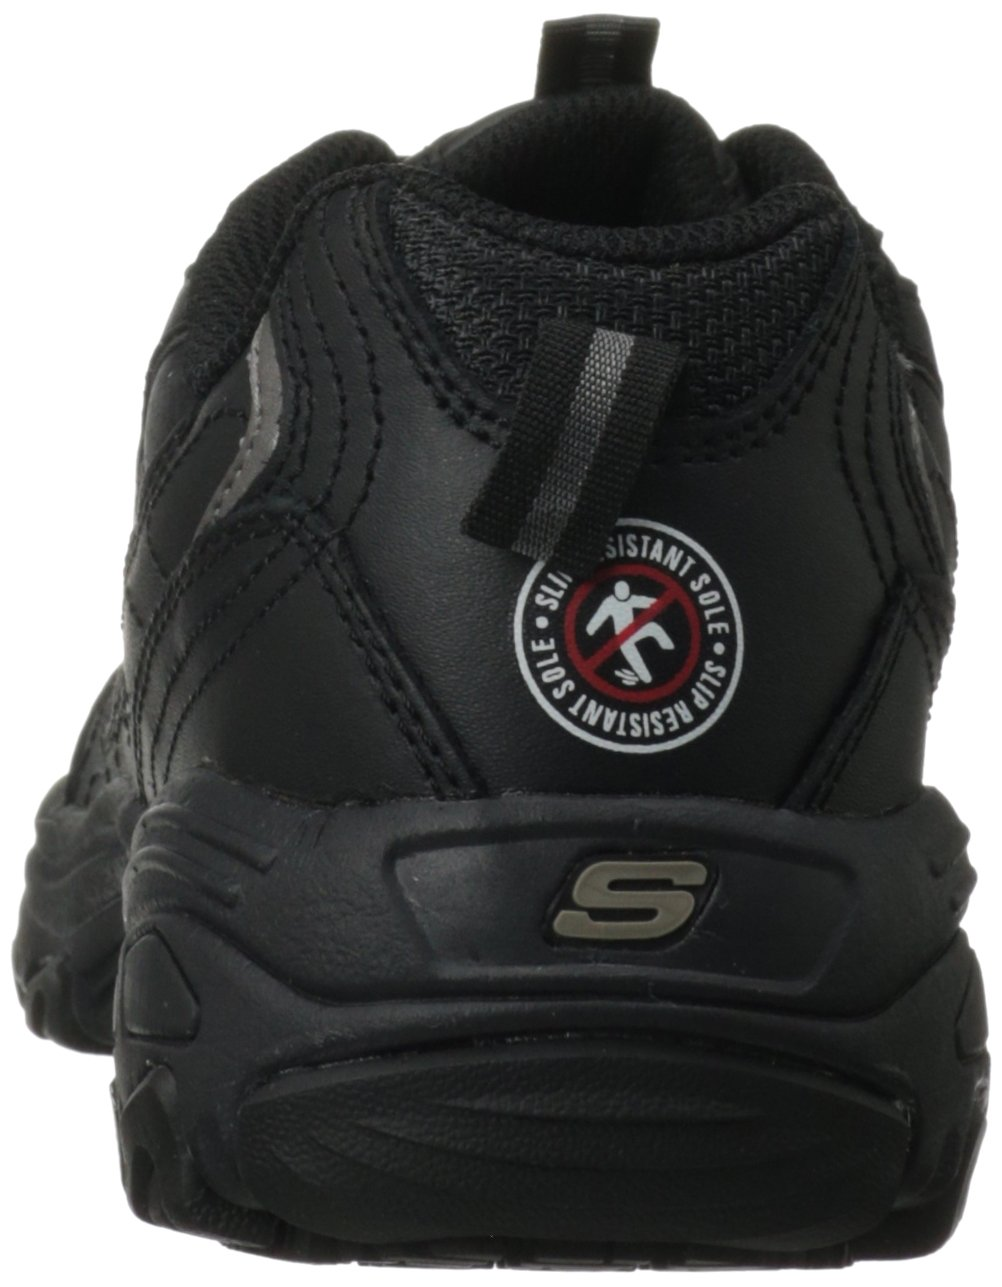 Skechers for Work Women's D'Lites Slip Resistant Sneaker B0068Y2DIE 9 XW US|Black